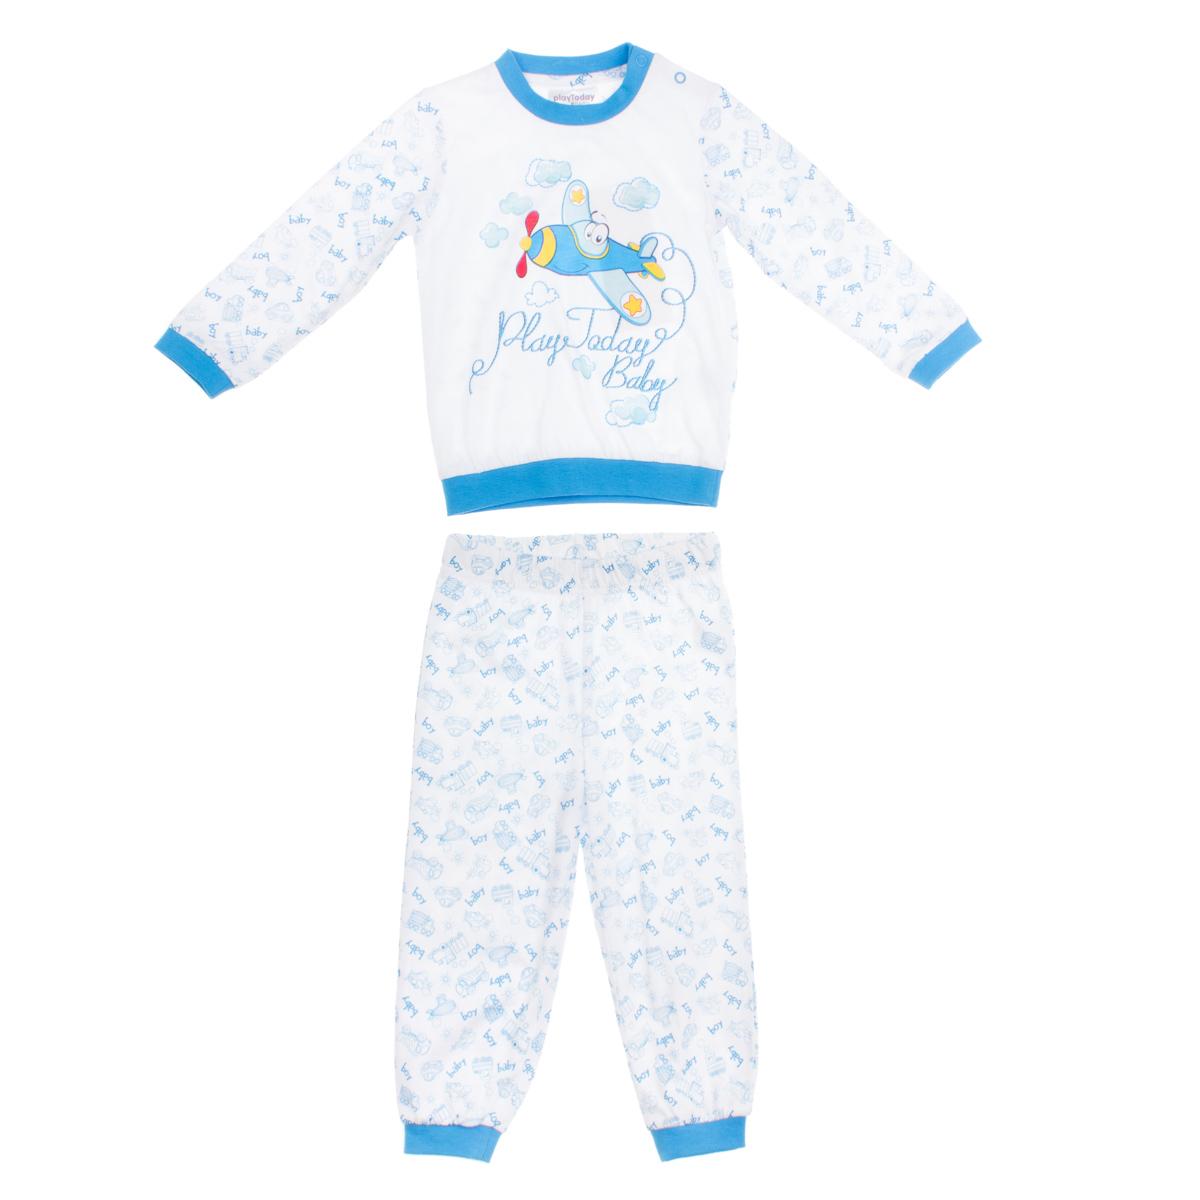 Комплект: футболка с длинными рукавами, брюки 167026